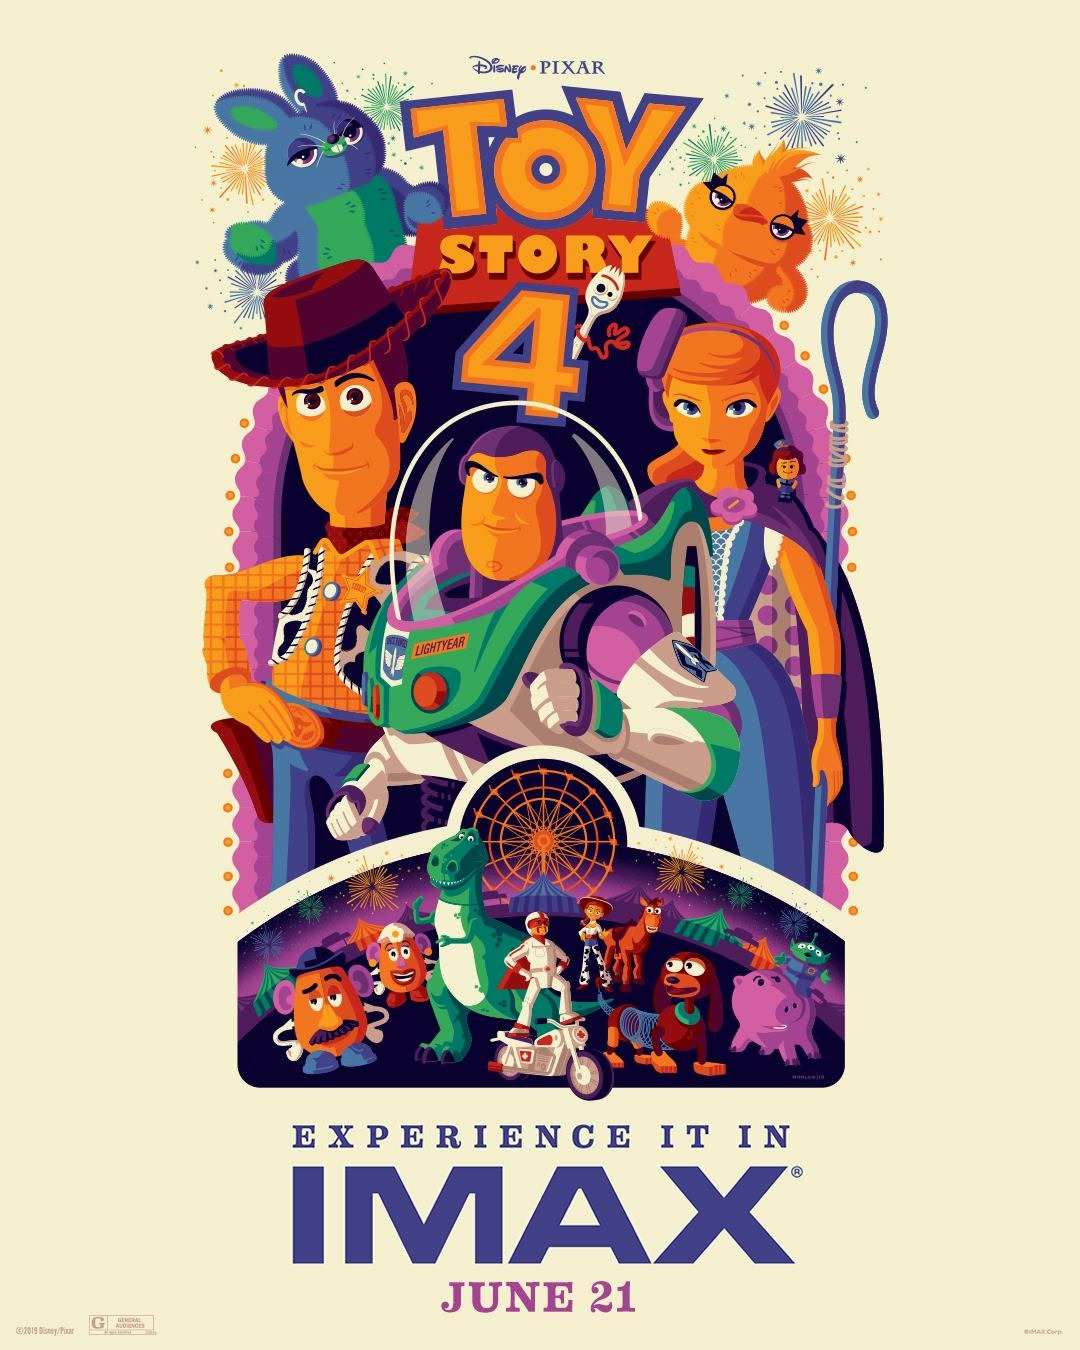 szmk_toy_story_4_disney_pixar_villi_forky_woody_buzz_bonnie_andy_jatek_haboru_a_vegtelenbe_es_tovabb_12.jpg